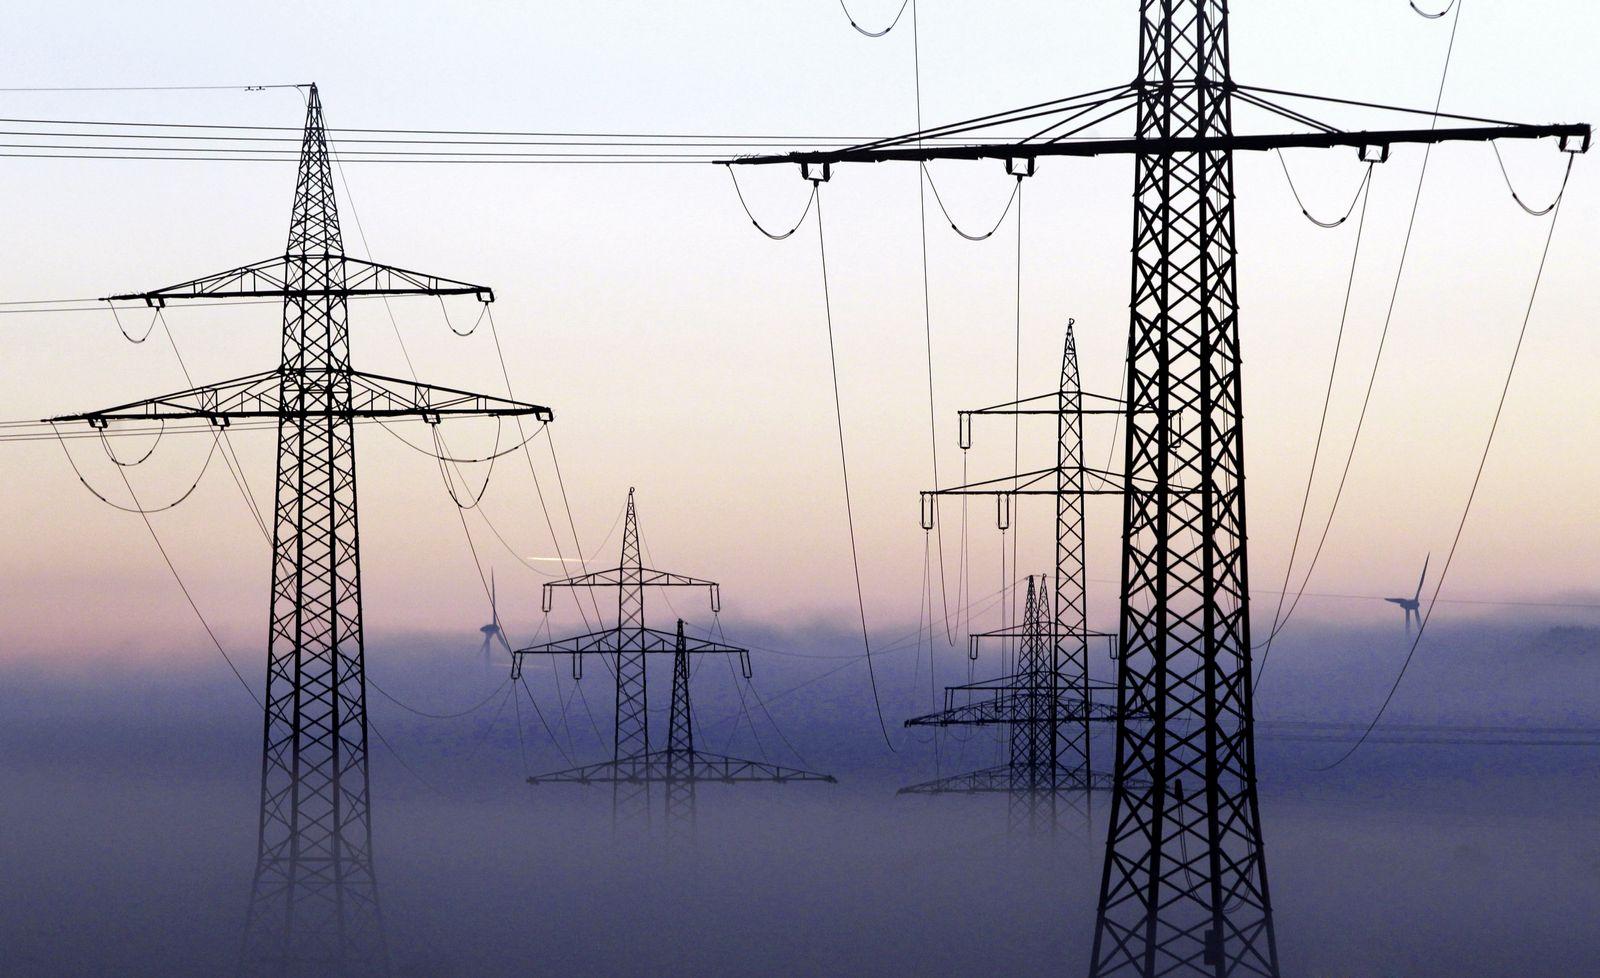 Strom / Strompreis / Strommasten